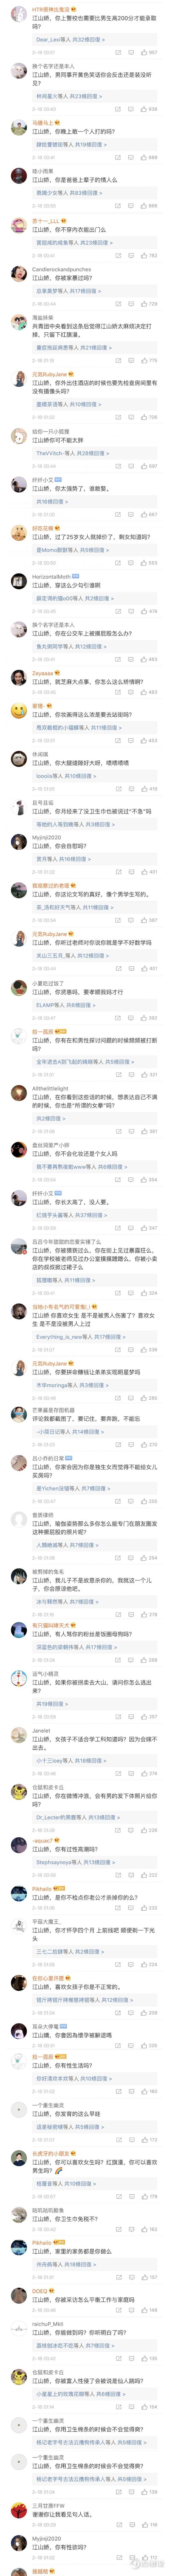 被嫌弃的江山娇的一生:中国女性的泣血之问 火狐截图_2020-02-28T16-51-19.381Z.png